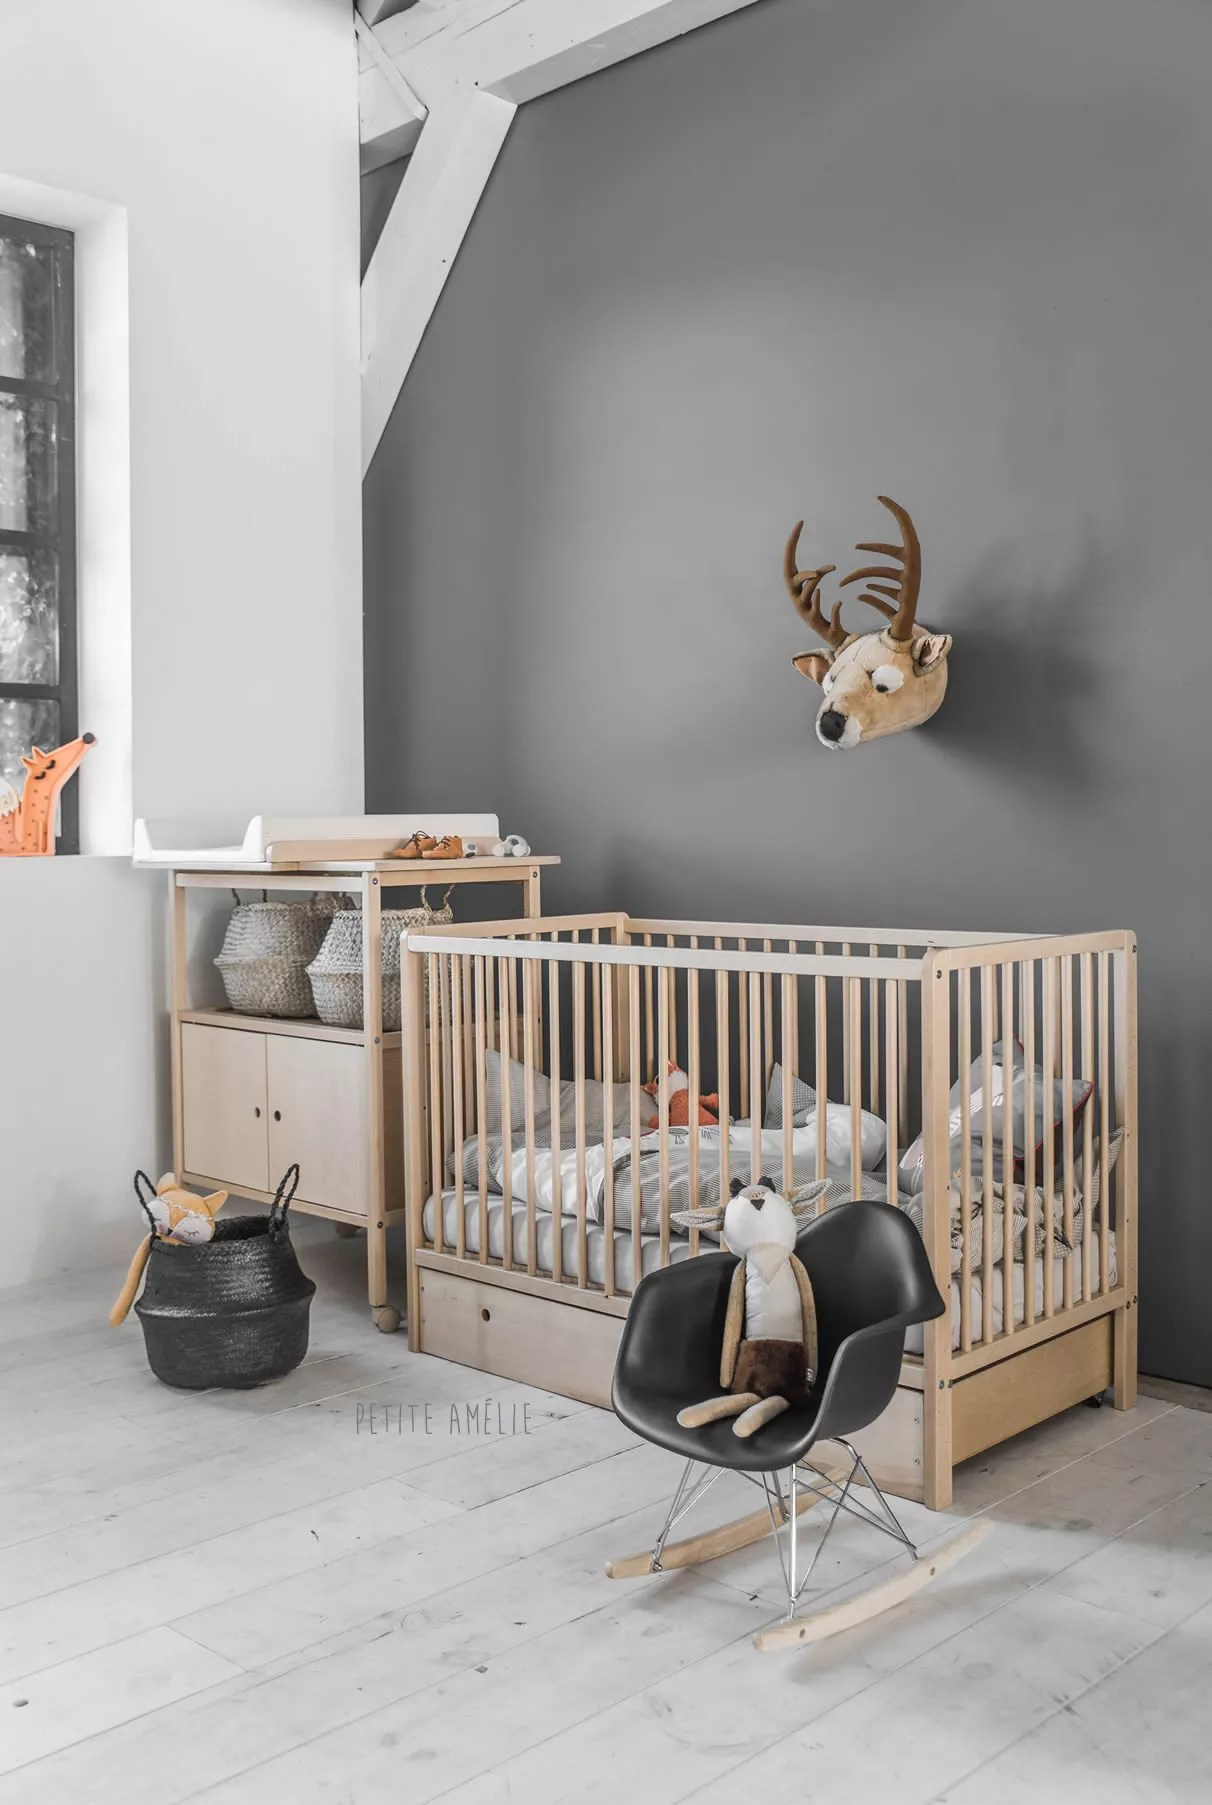 Interieur & kids | Eenheid creëren in de kinderkamer • Stijlvol ...